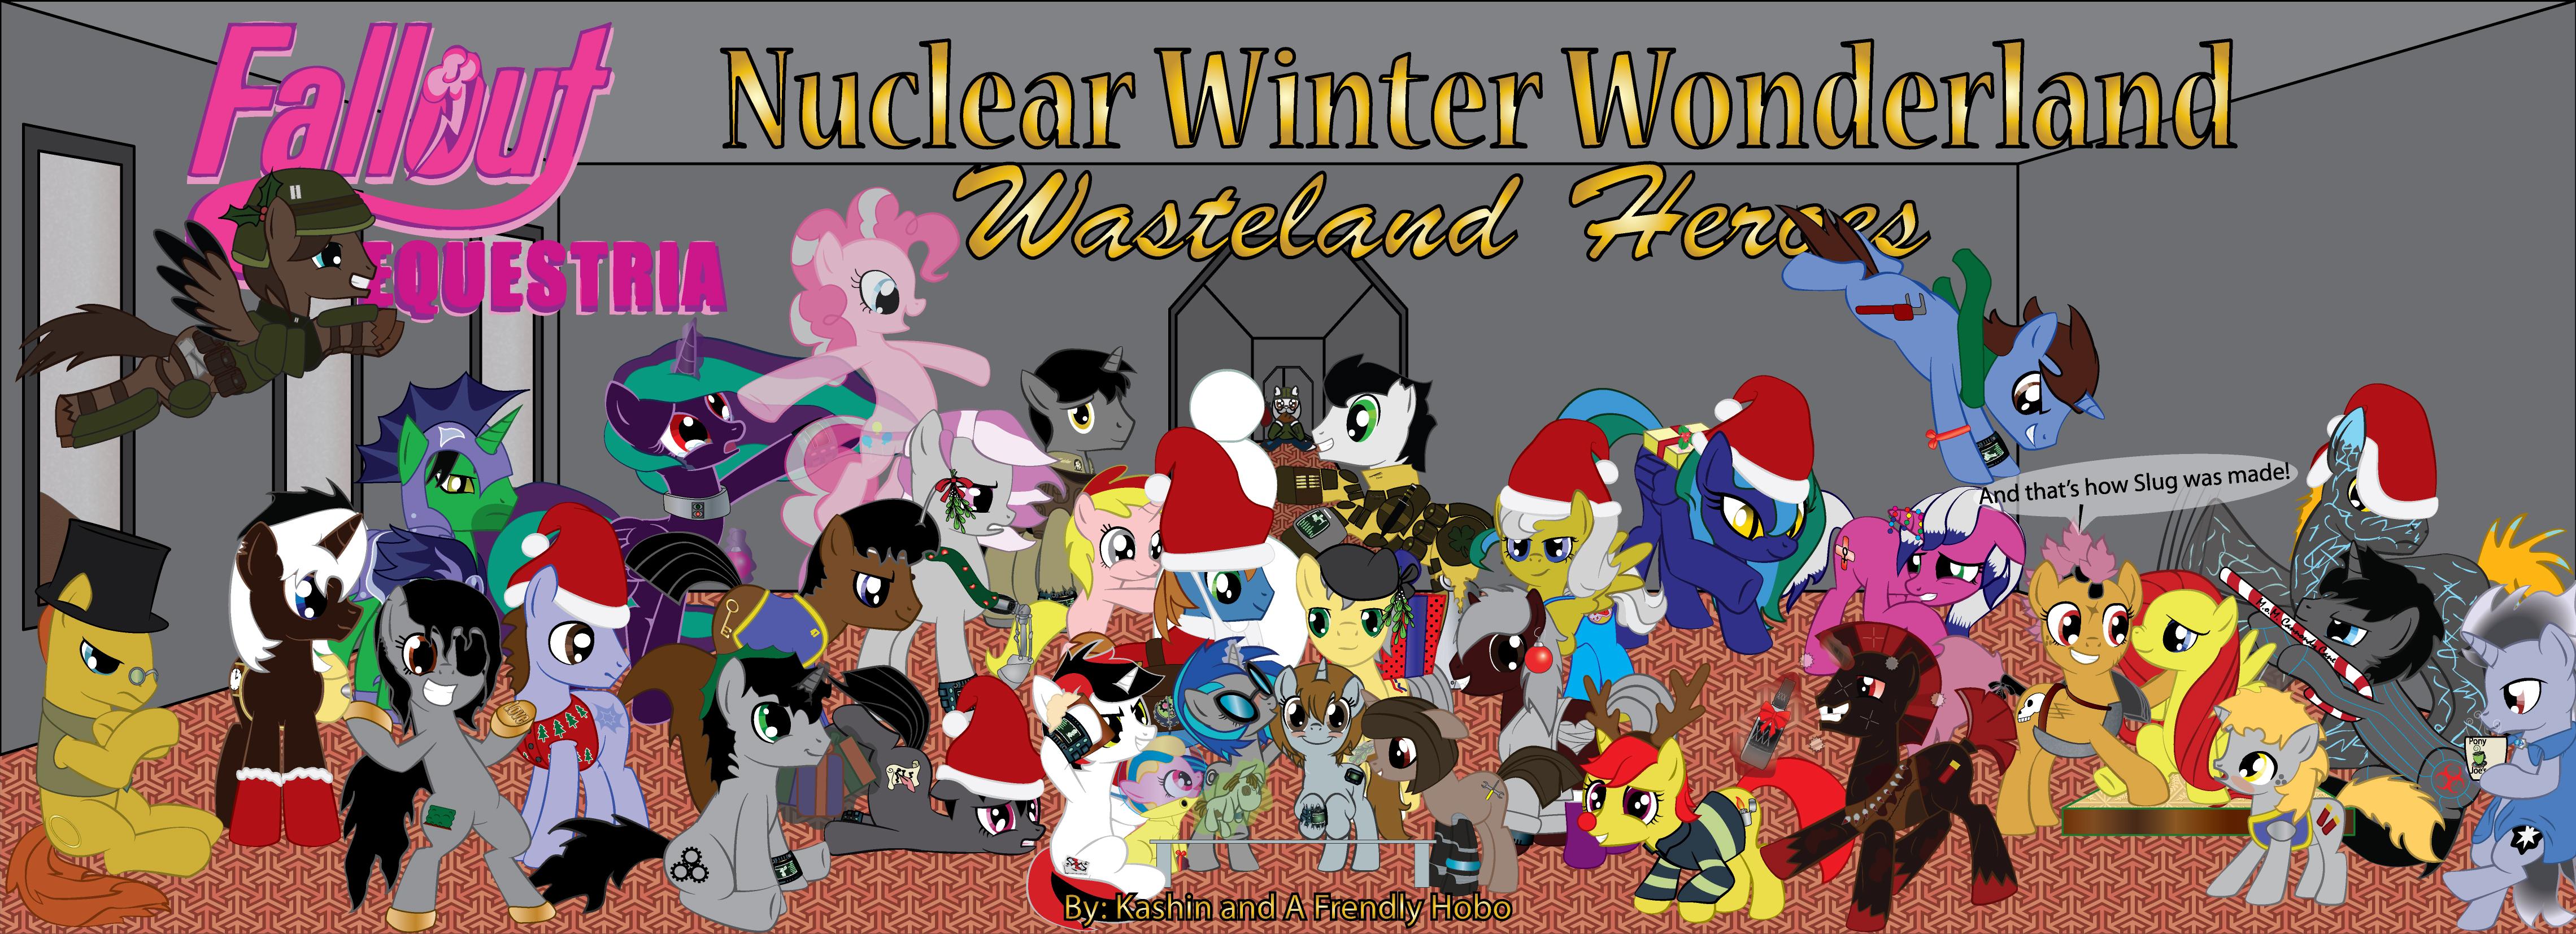 Nuclear Winter Wonderland Wasteland Heroes